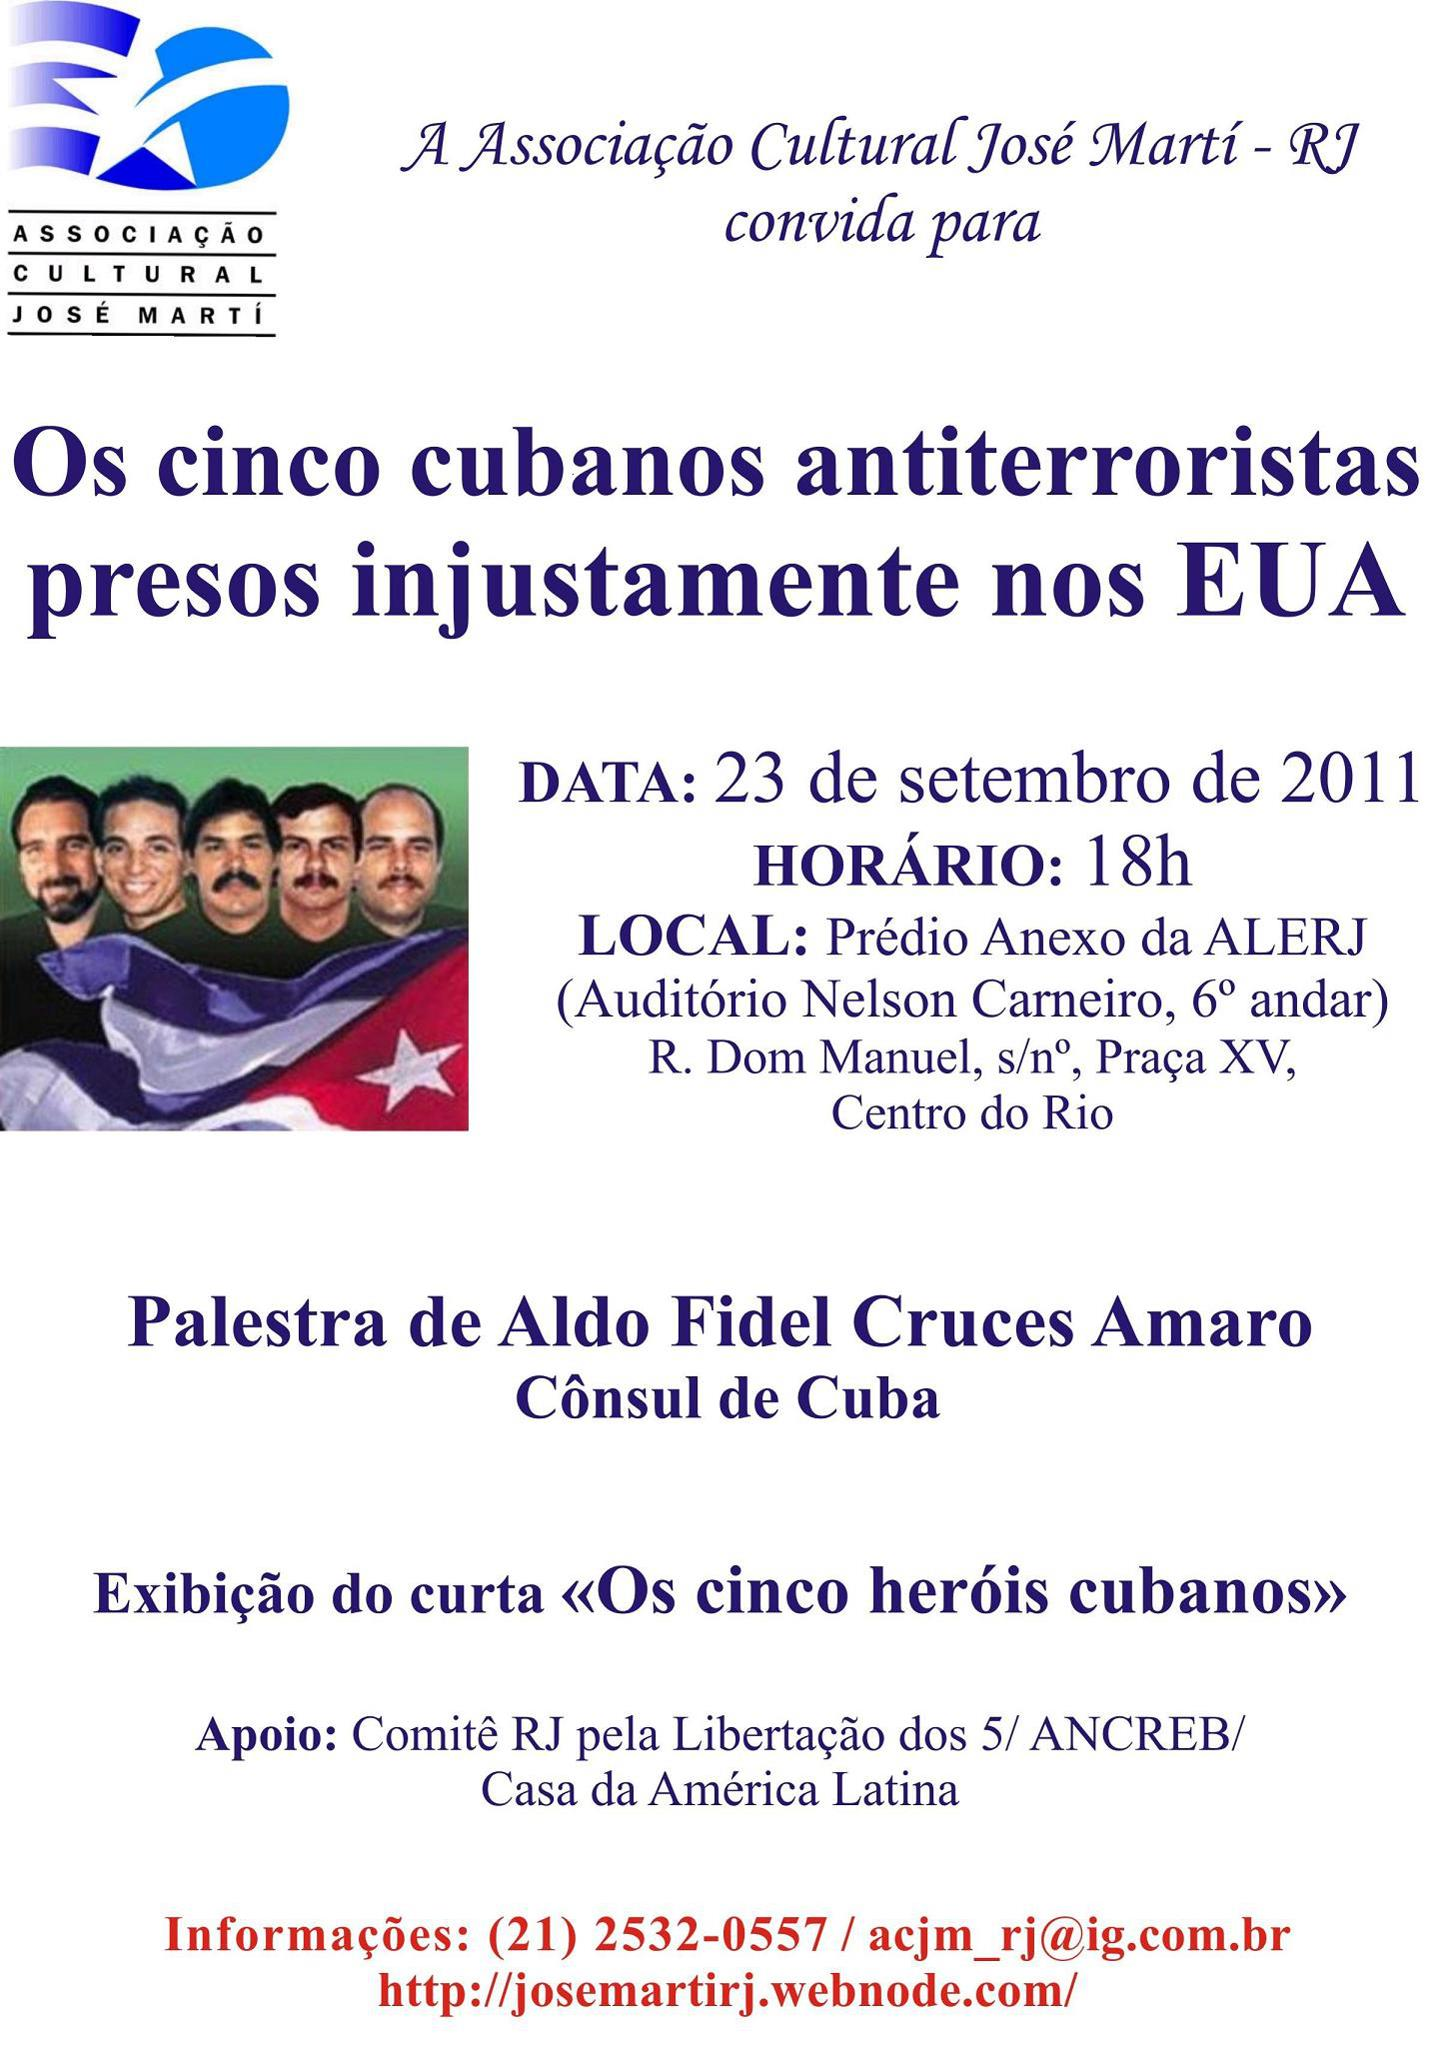 Palestra de Cônsul de Cuba e exibição de curta sobre cinco cubanos (RJ)